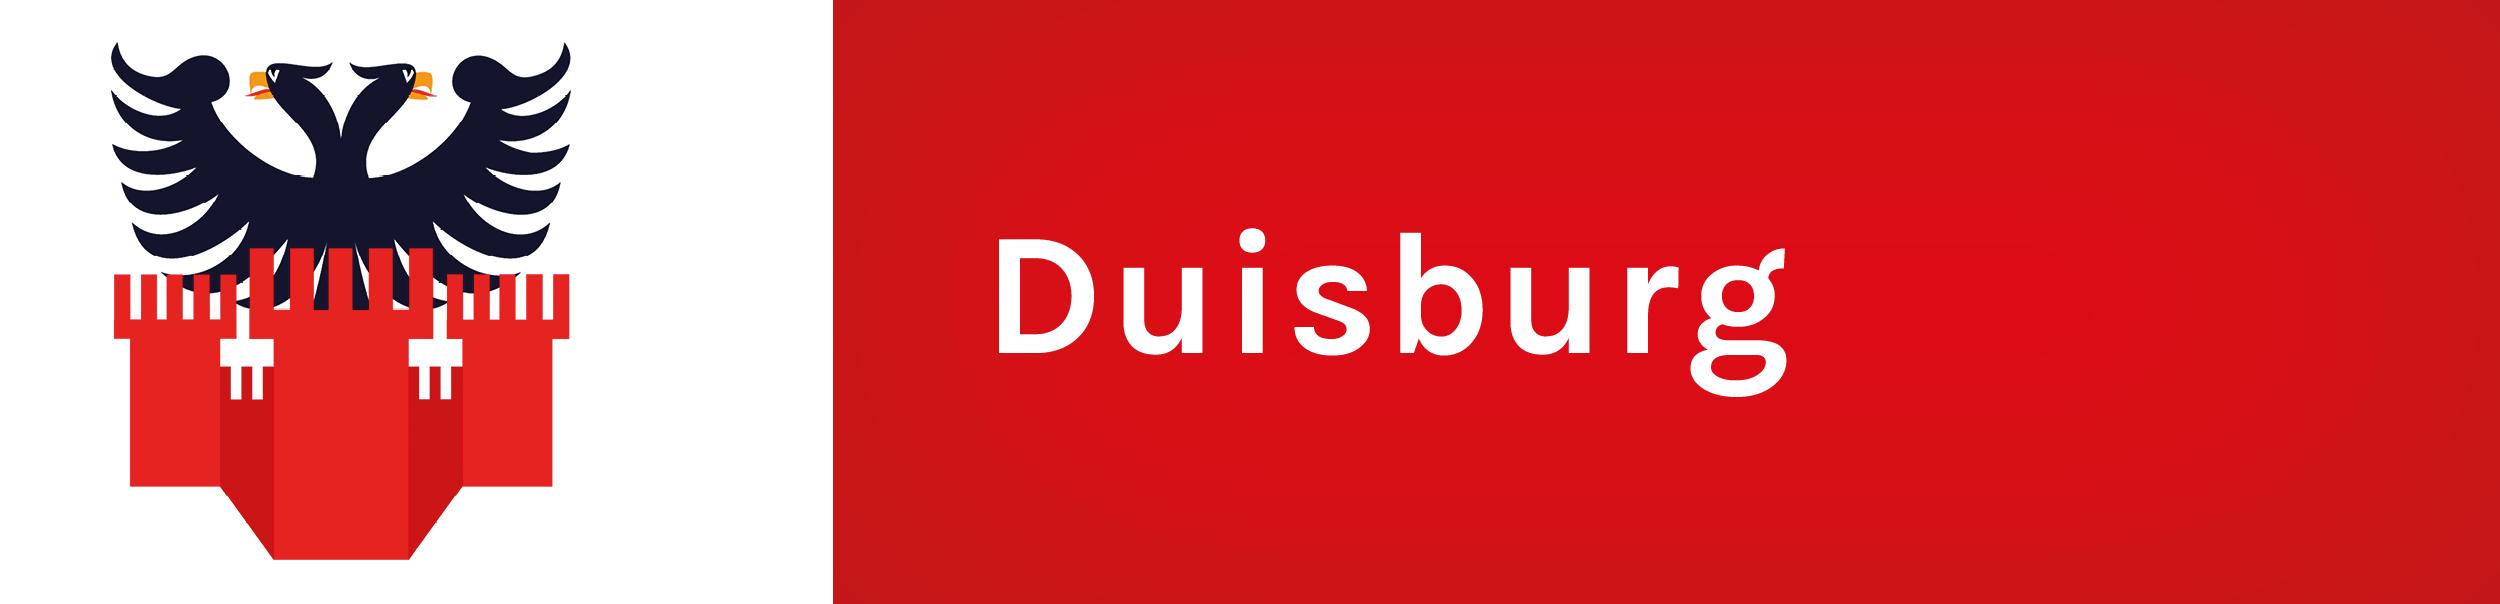 Banner für Duisburg